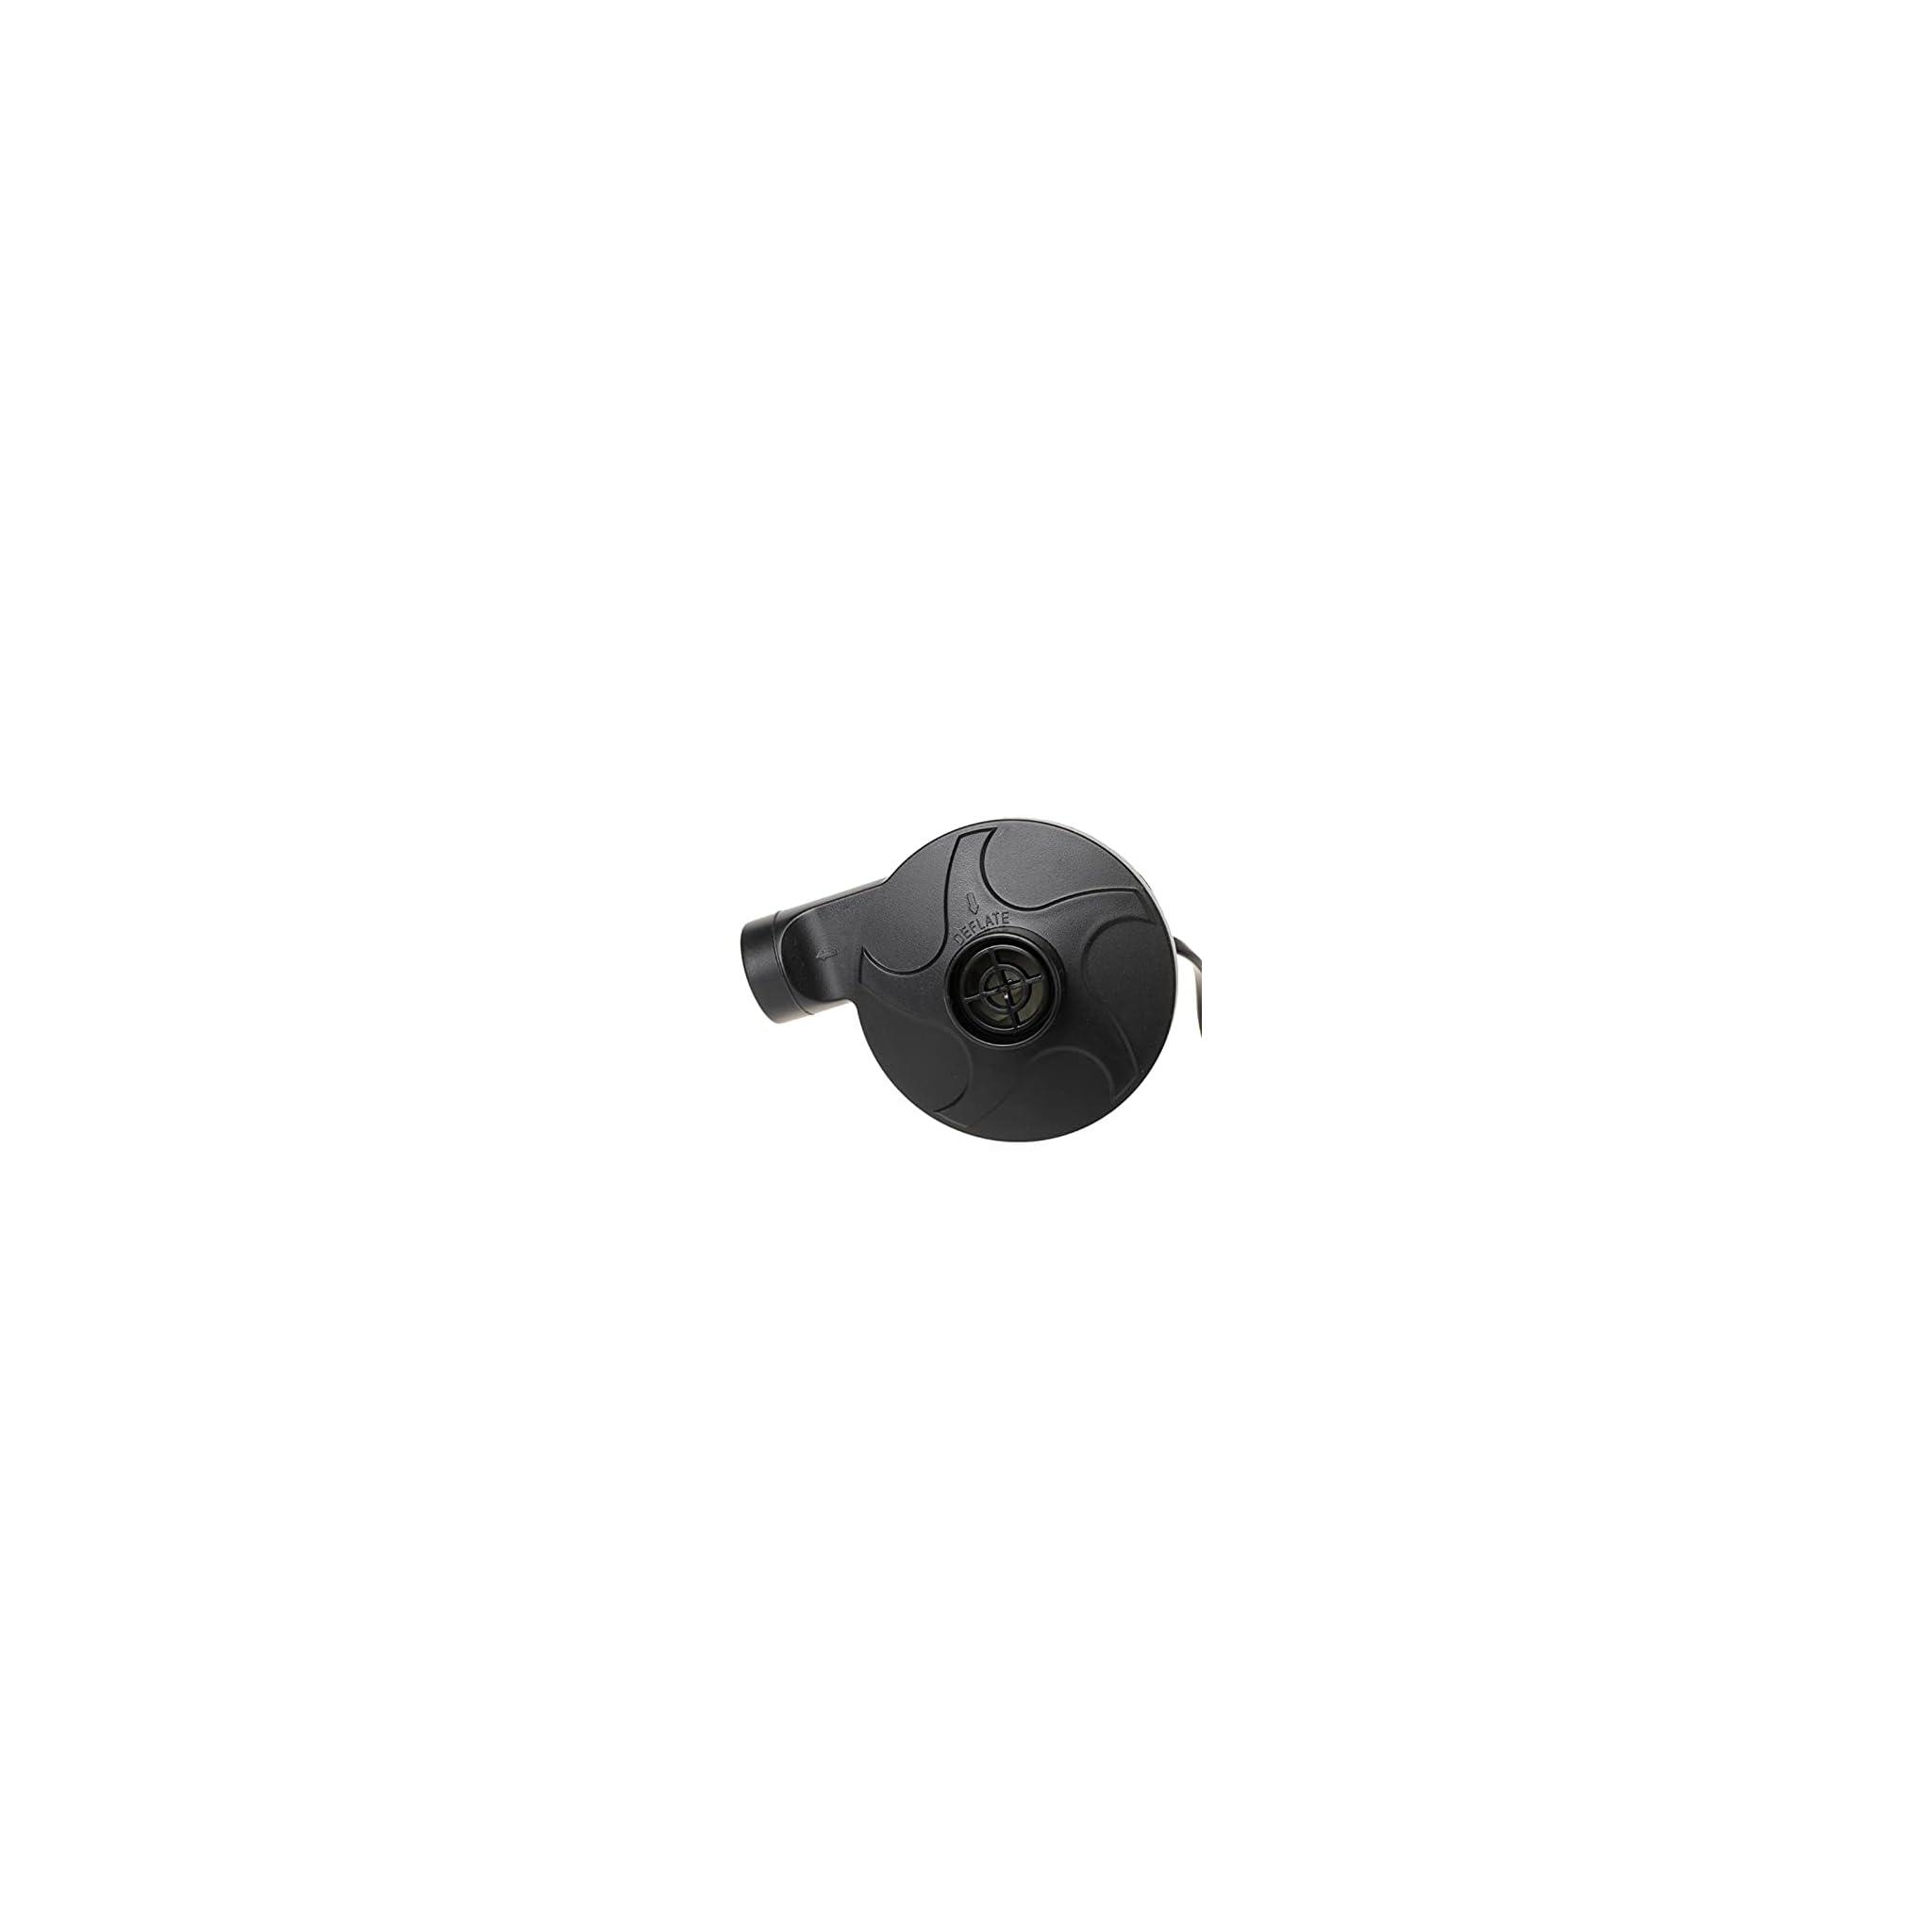 Liubiaonet Pompe à air électrique Pompe portable Matelas d